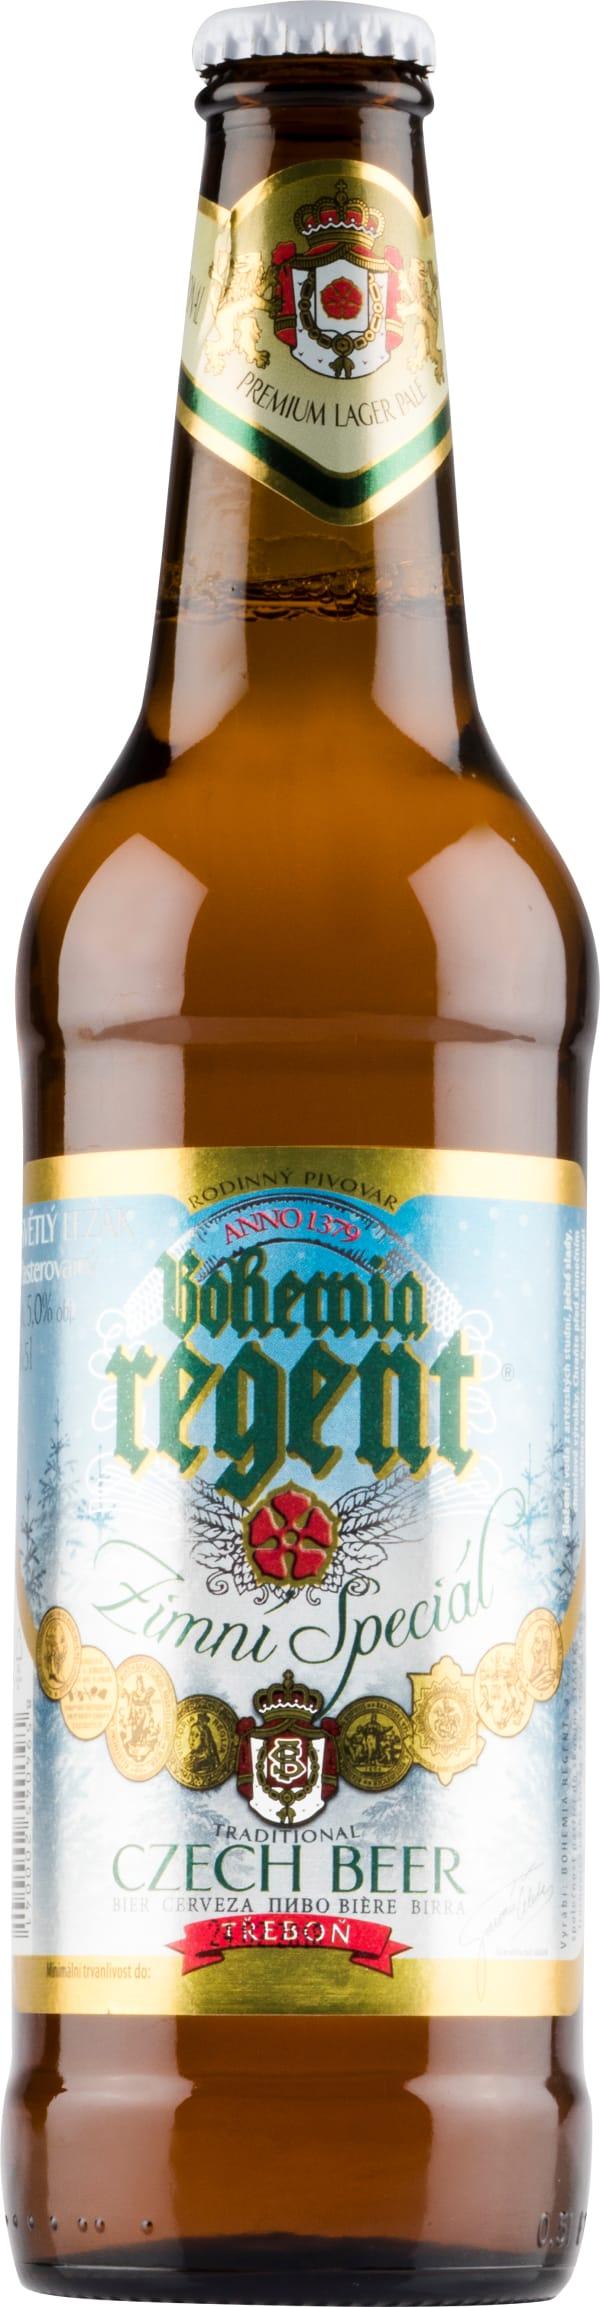 Bohemia Regent Zimni Speciál